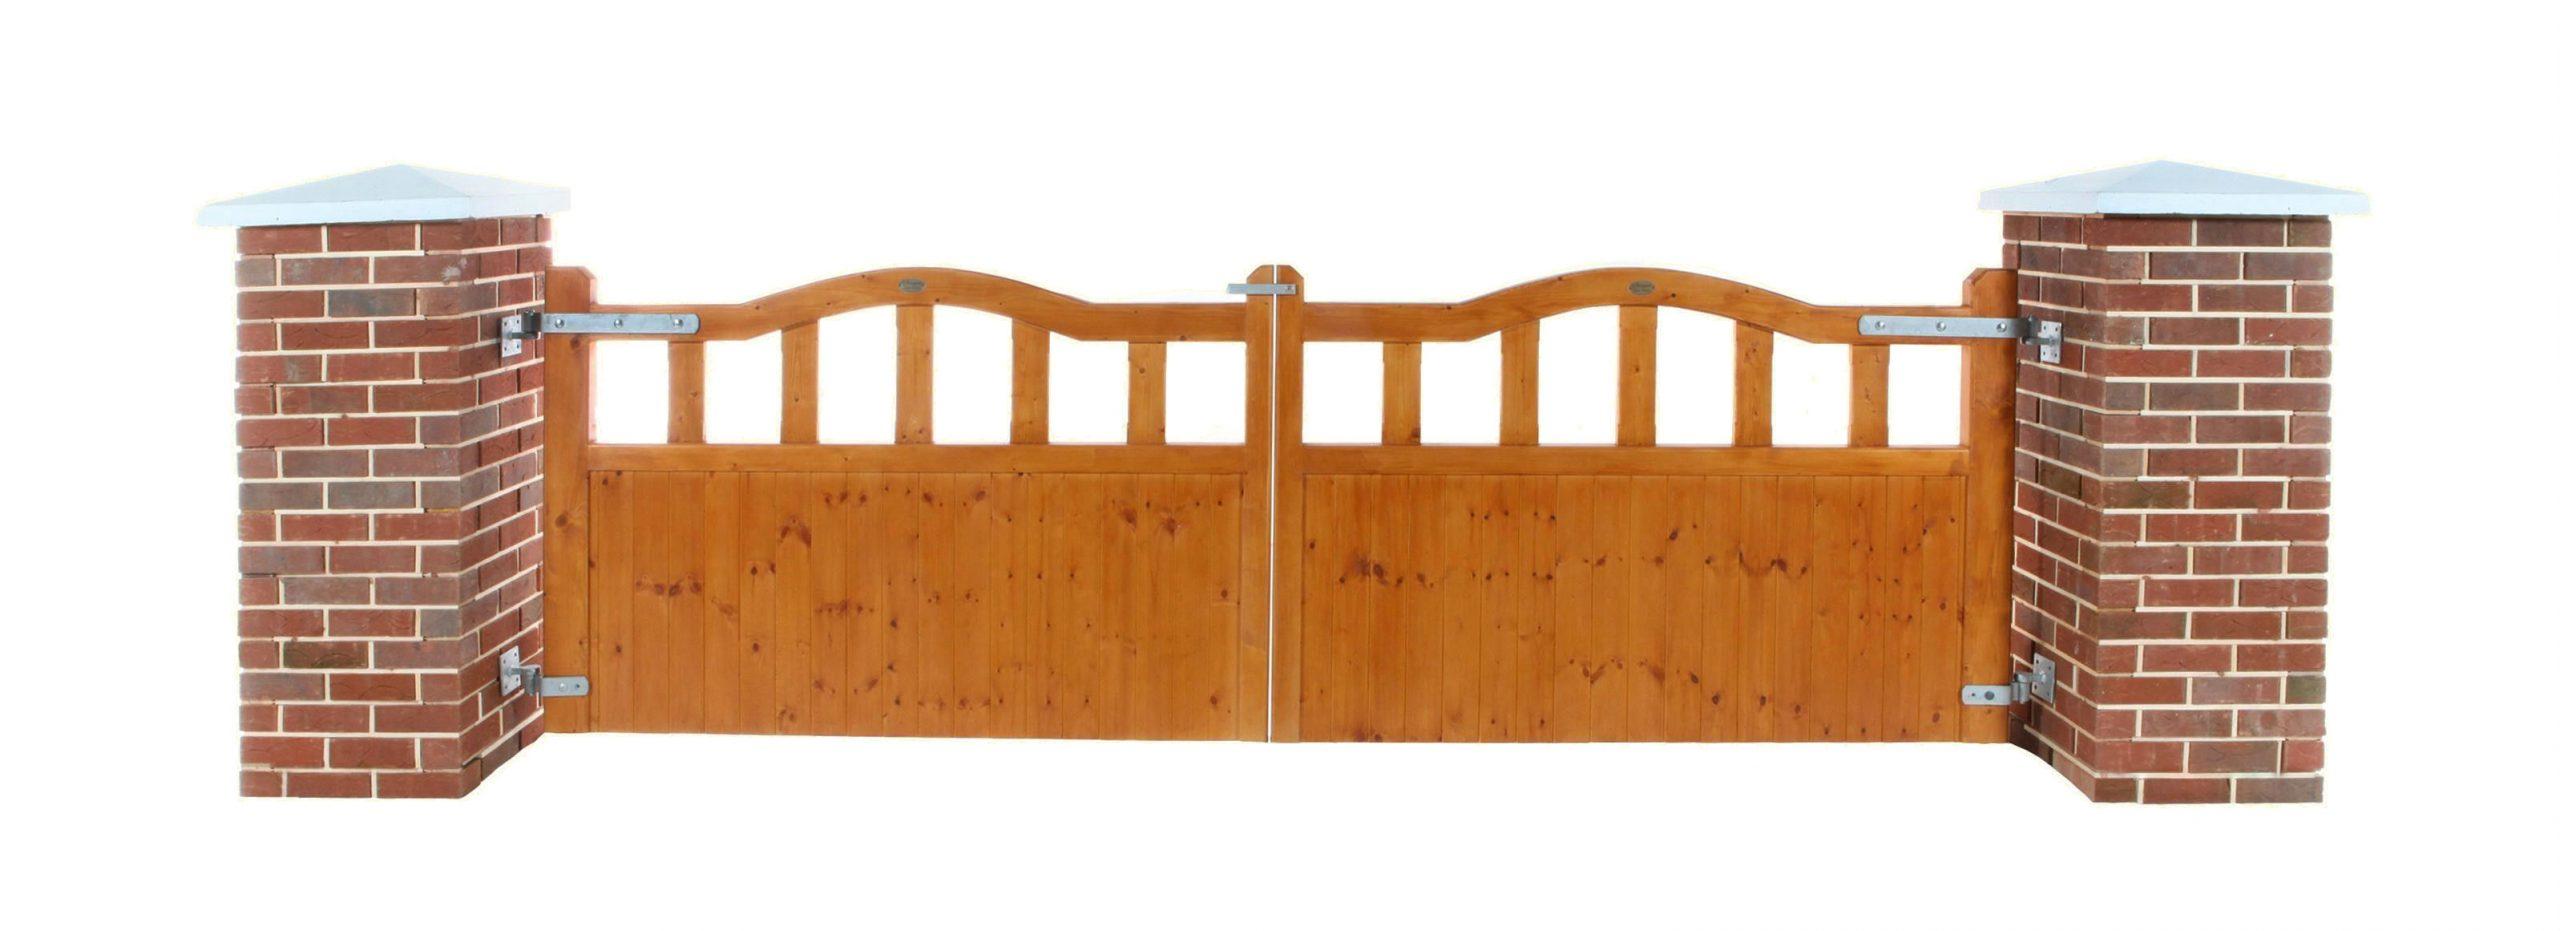 Meath Gates